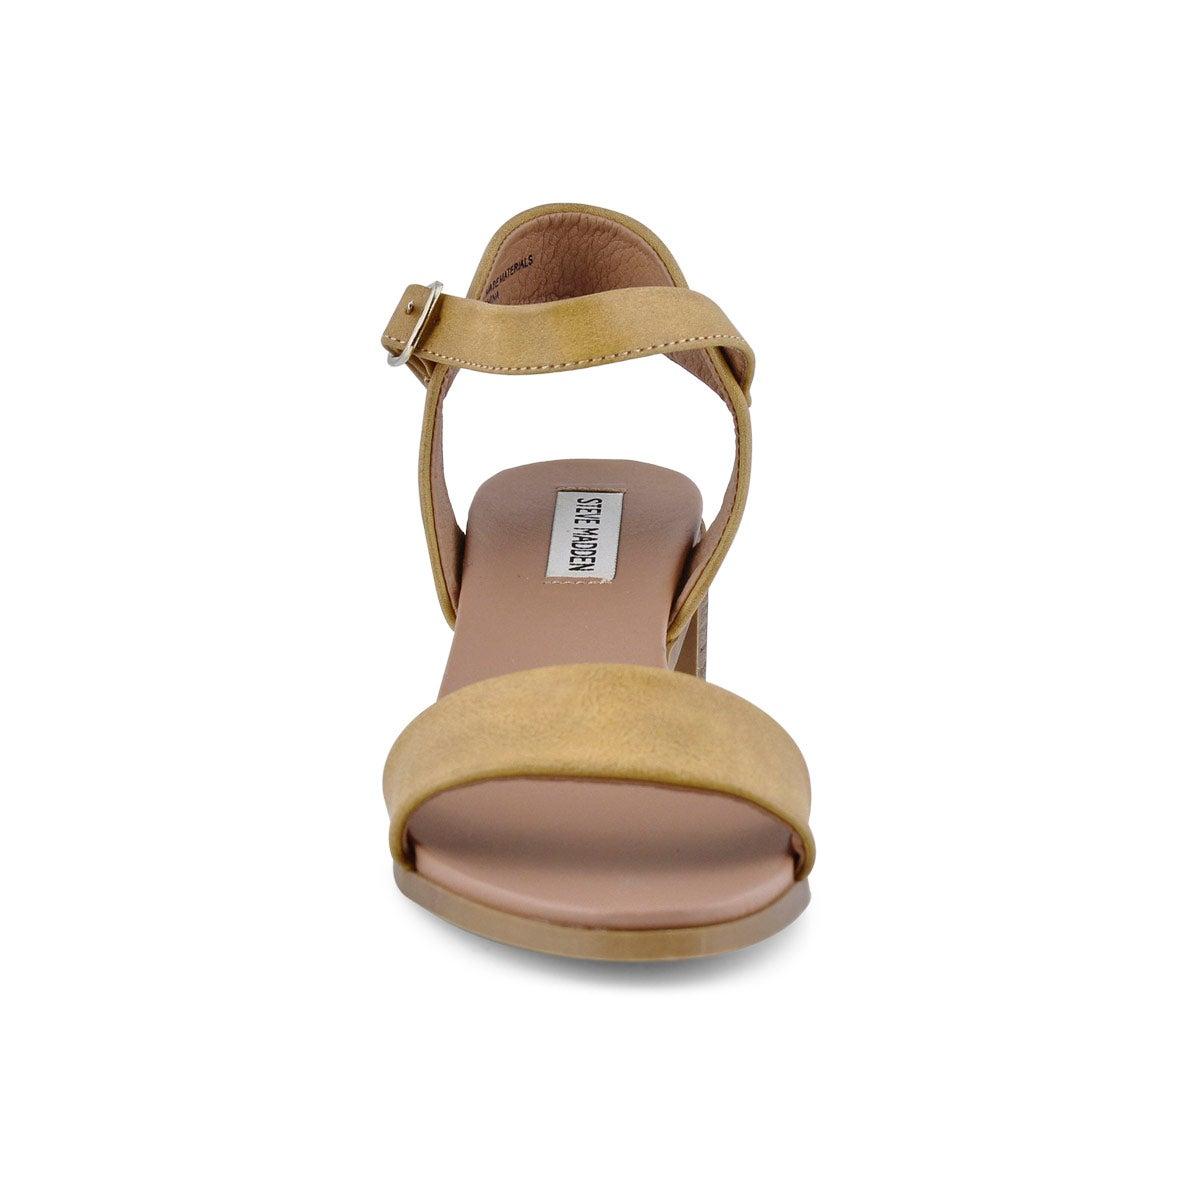 Lds August cognac dress sandal